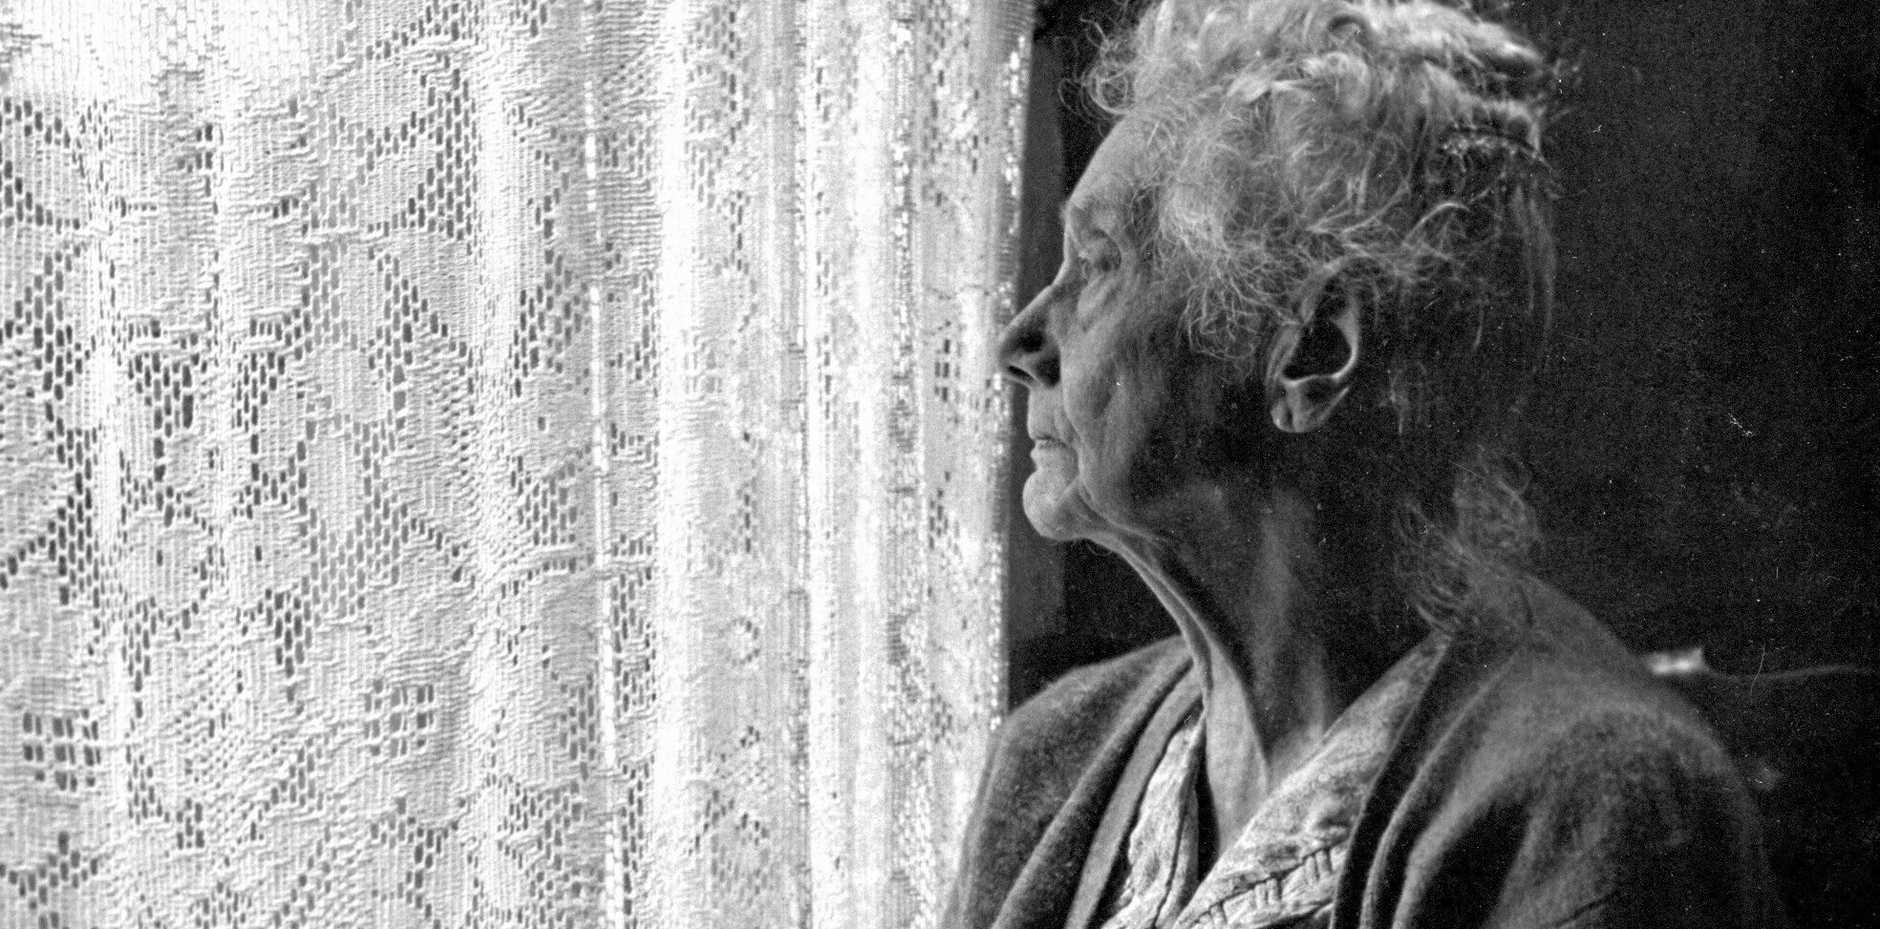 FILE PHOTO: Elderly people were targetted by a brazen break in